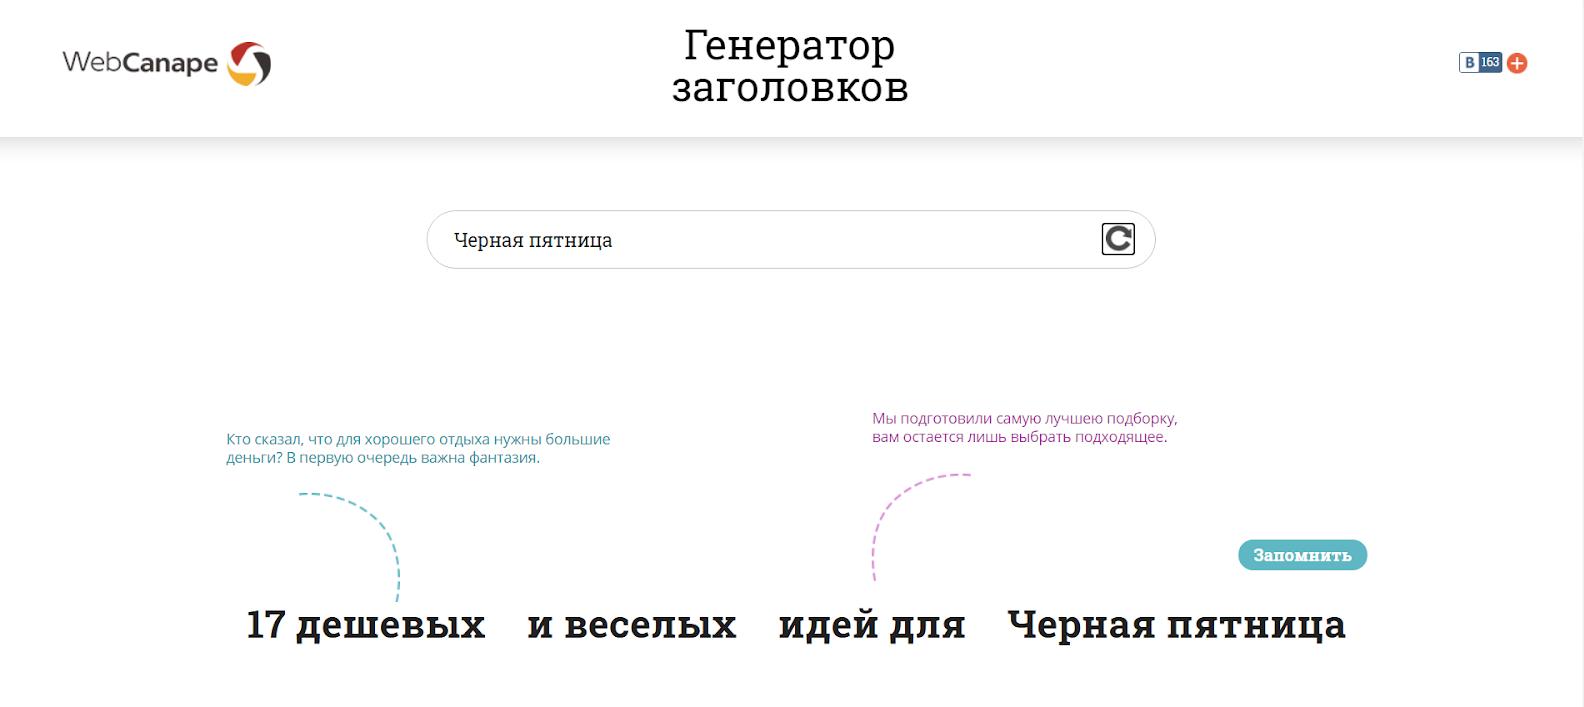 Генератор заголовков от web-canape